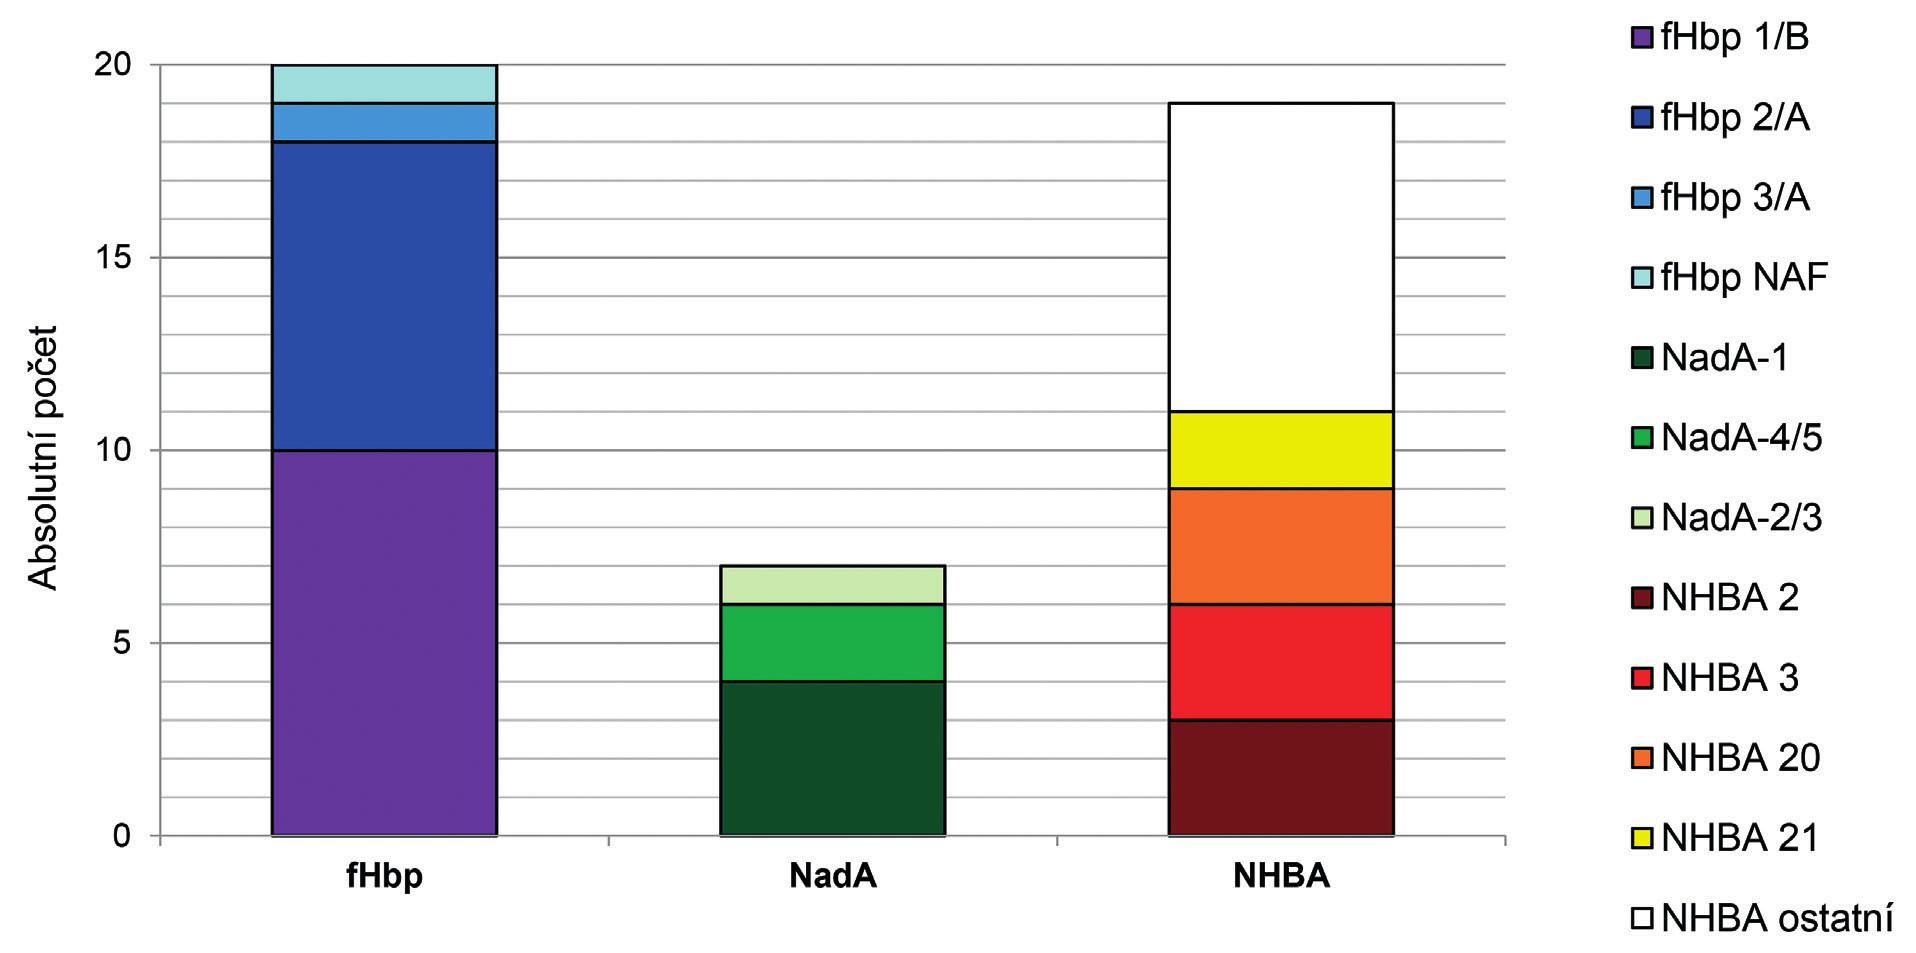 Výskyt a rozložení peptidových variant 3 antigenů vakcín MenB (fHbp, NadA, NHBA) u 20 izolátů IMO z roku 2015, ČR<br>Chart 1. Distribution of peptide variants of three MenB vaccine antigens (fHbp, NadA, and NHBA) in 20 isolates from IMD from 2015, Czech Republic